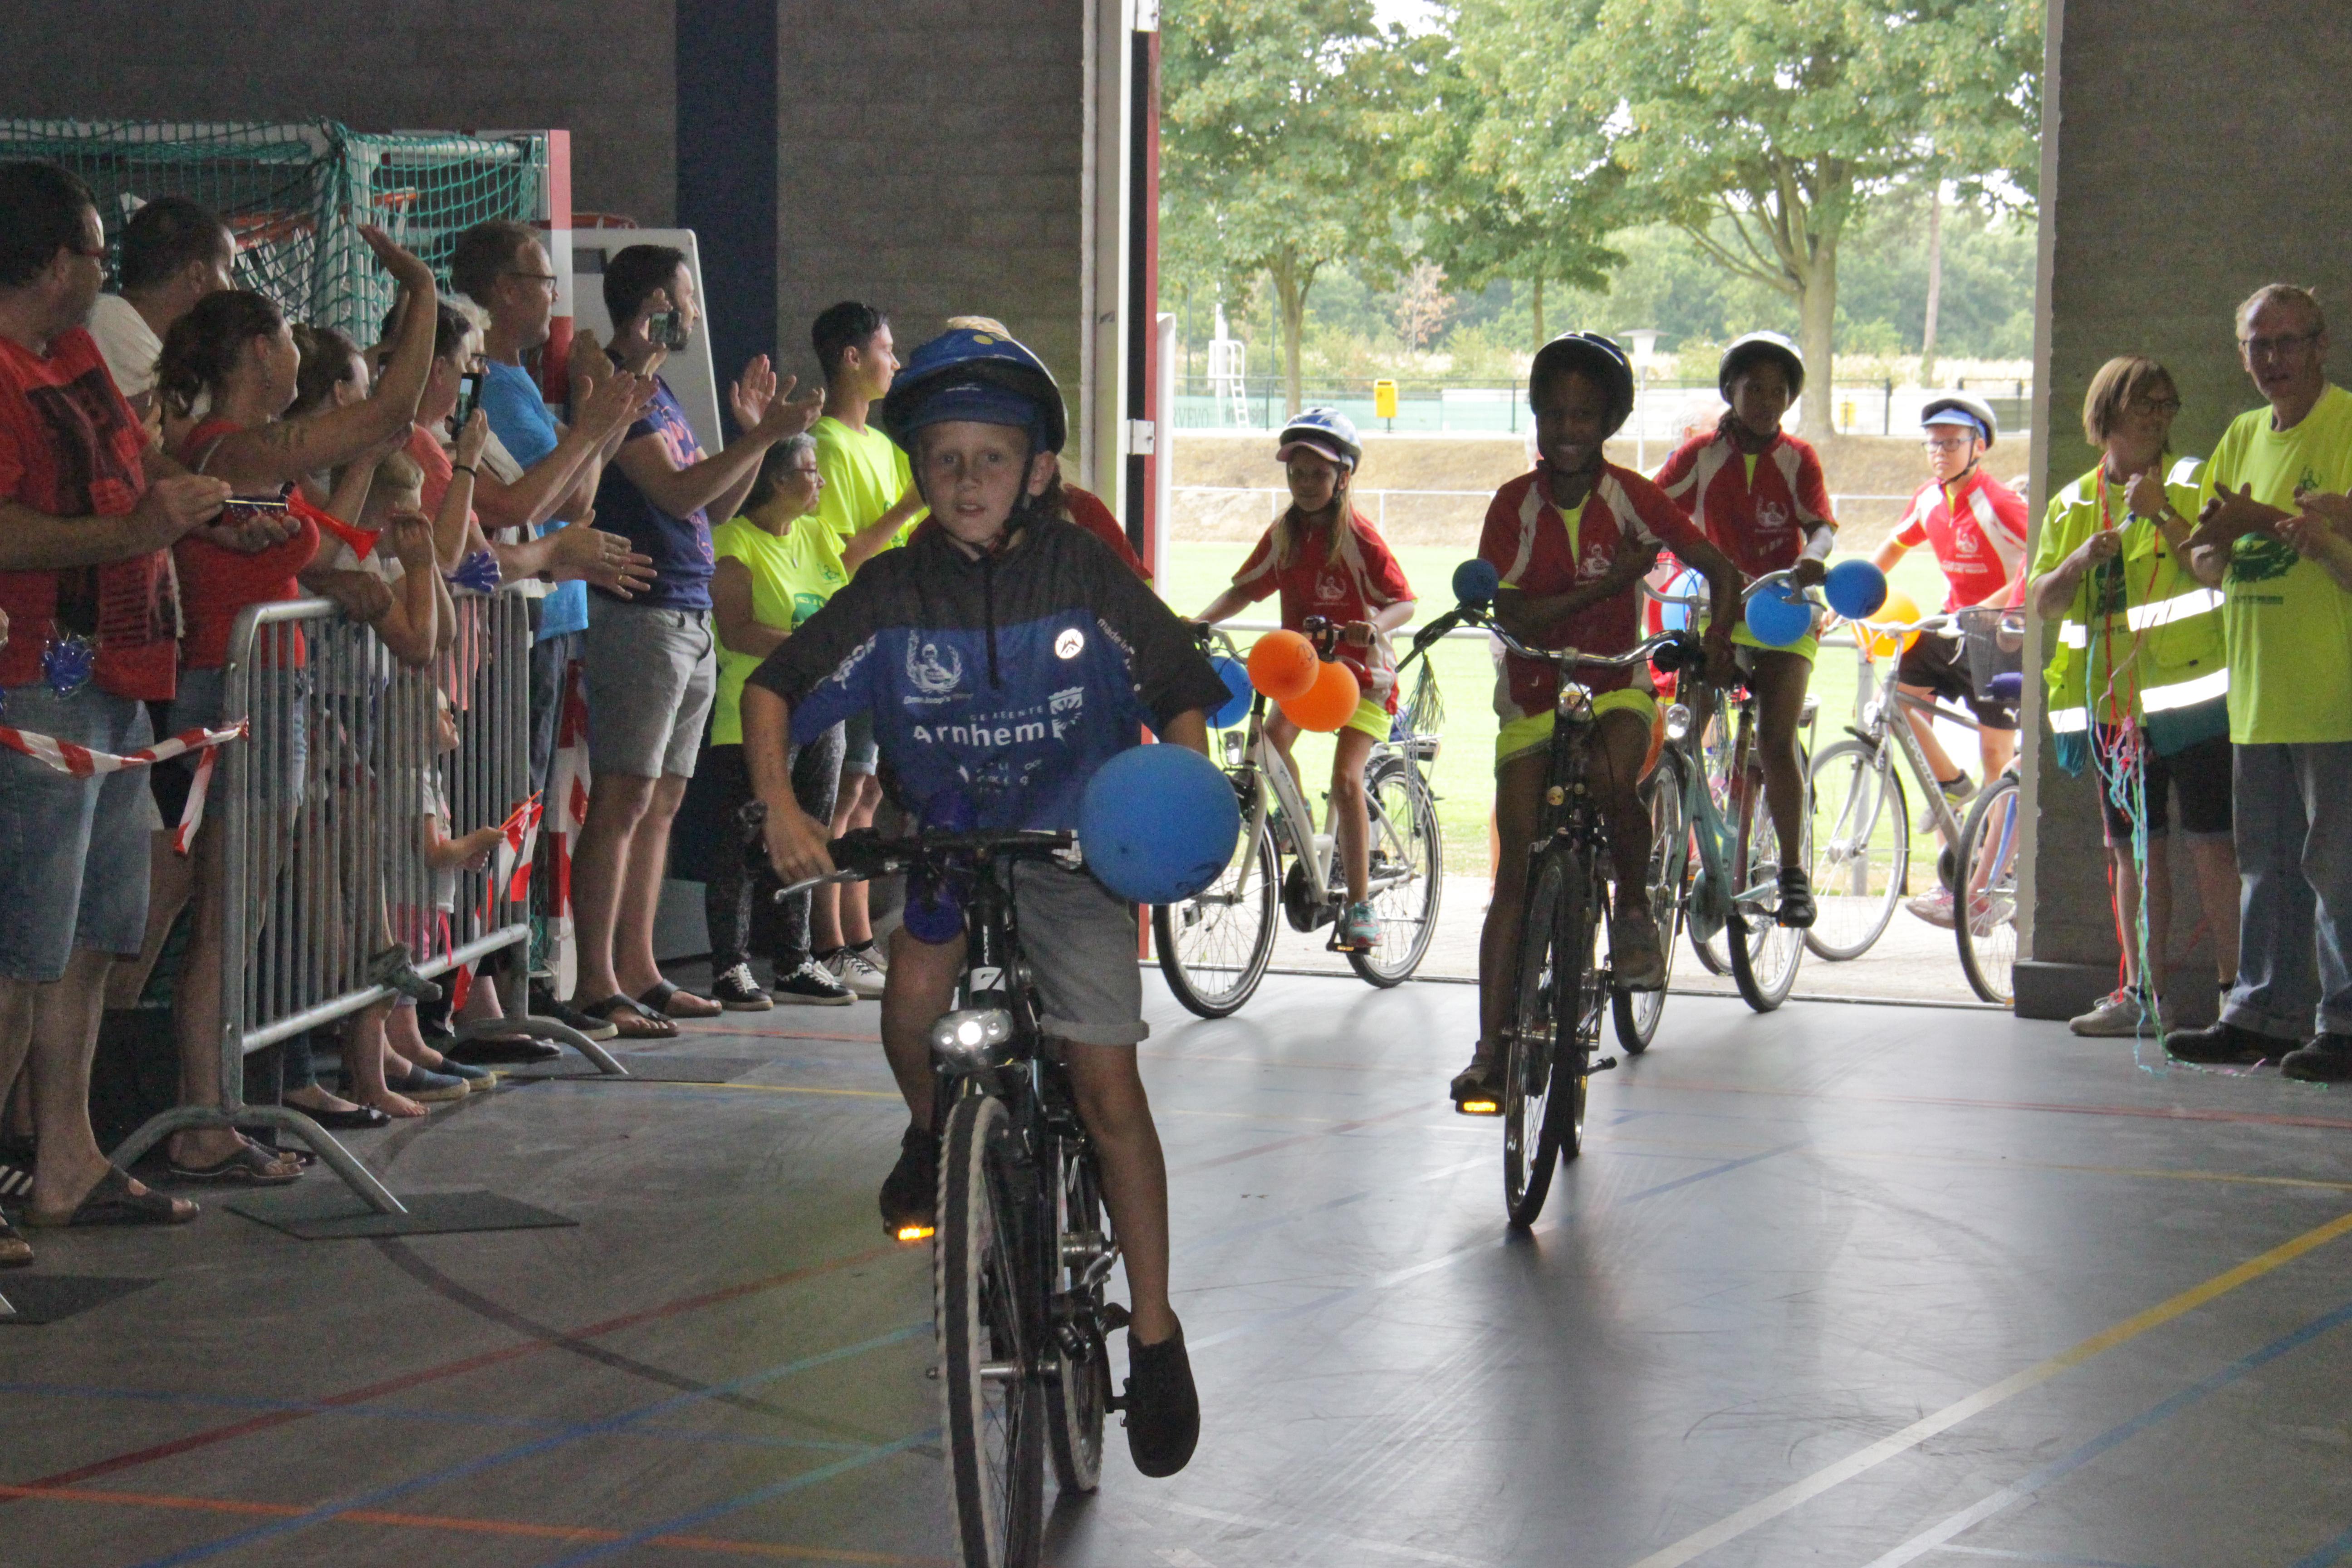 Finish Ome Joop's Tour 2018 in Valkenhuizen opnieuw een groot spektakel